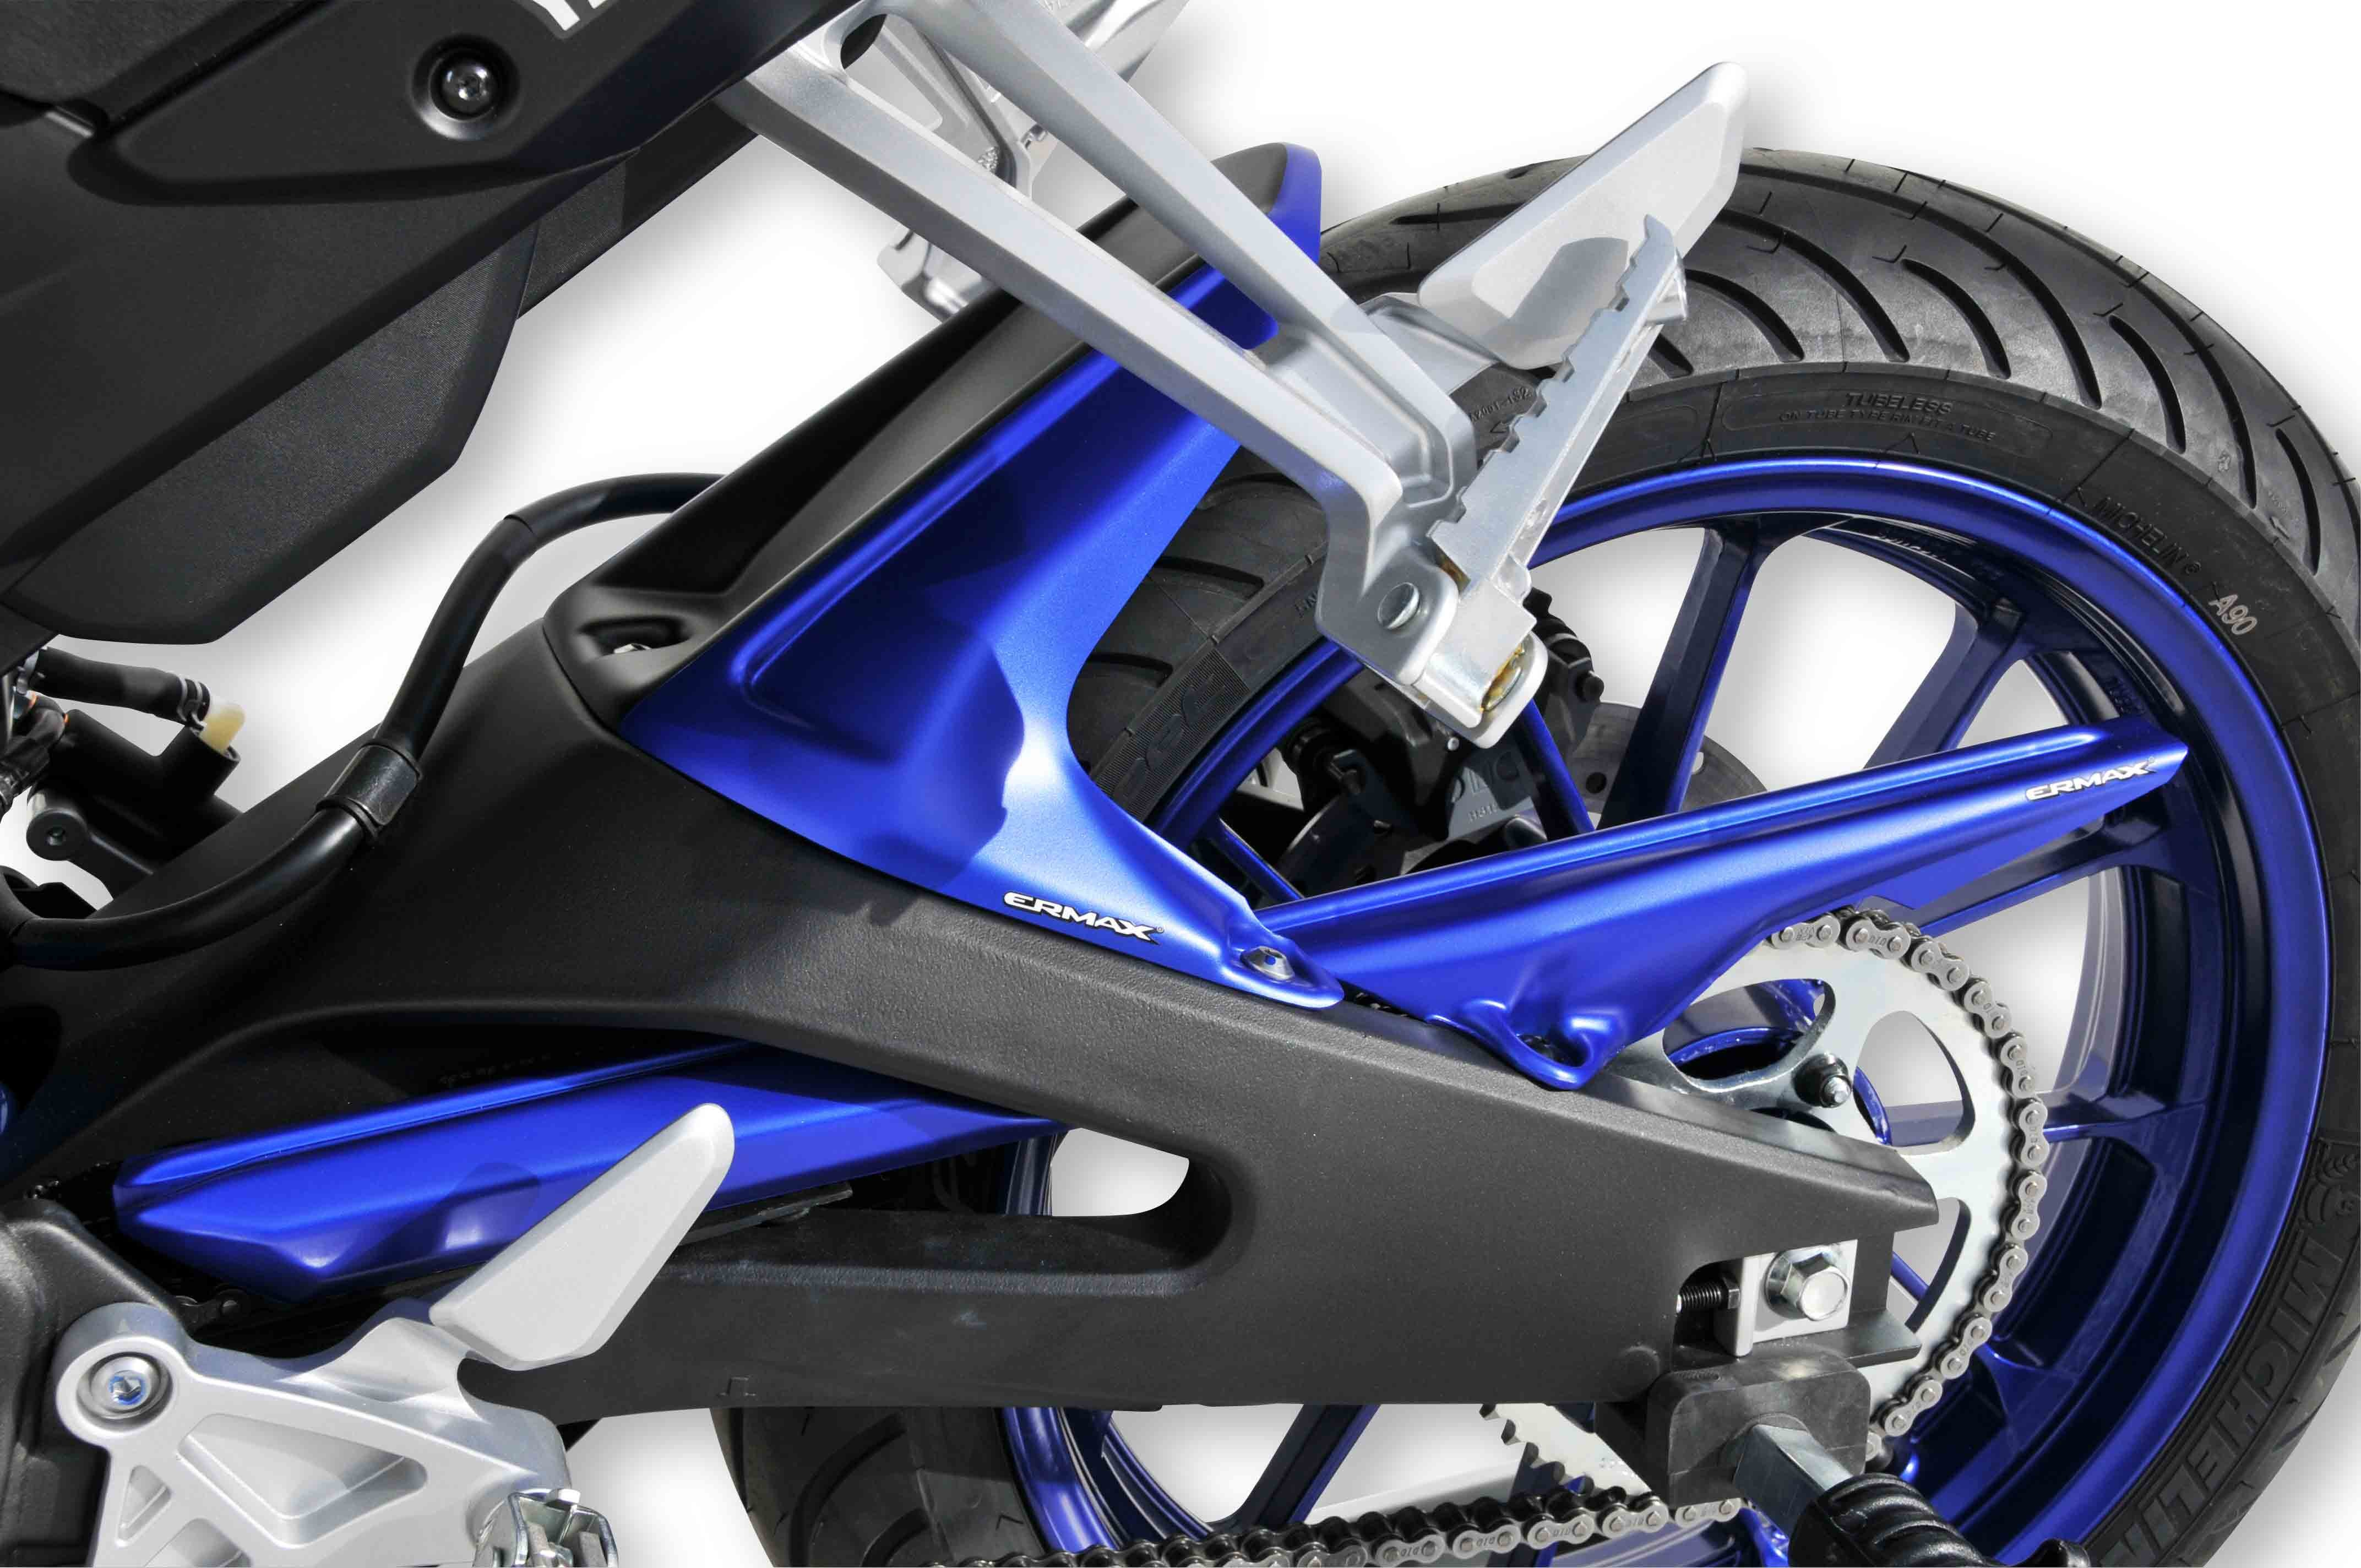 wholesale sales arrives great fit Accessoires Ermax pour Yamaha MT 125 2014/2019